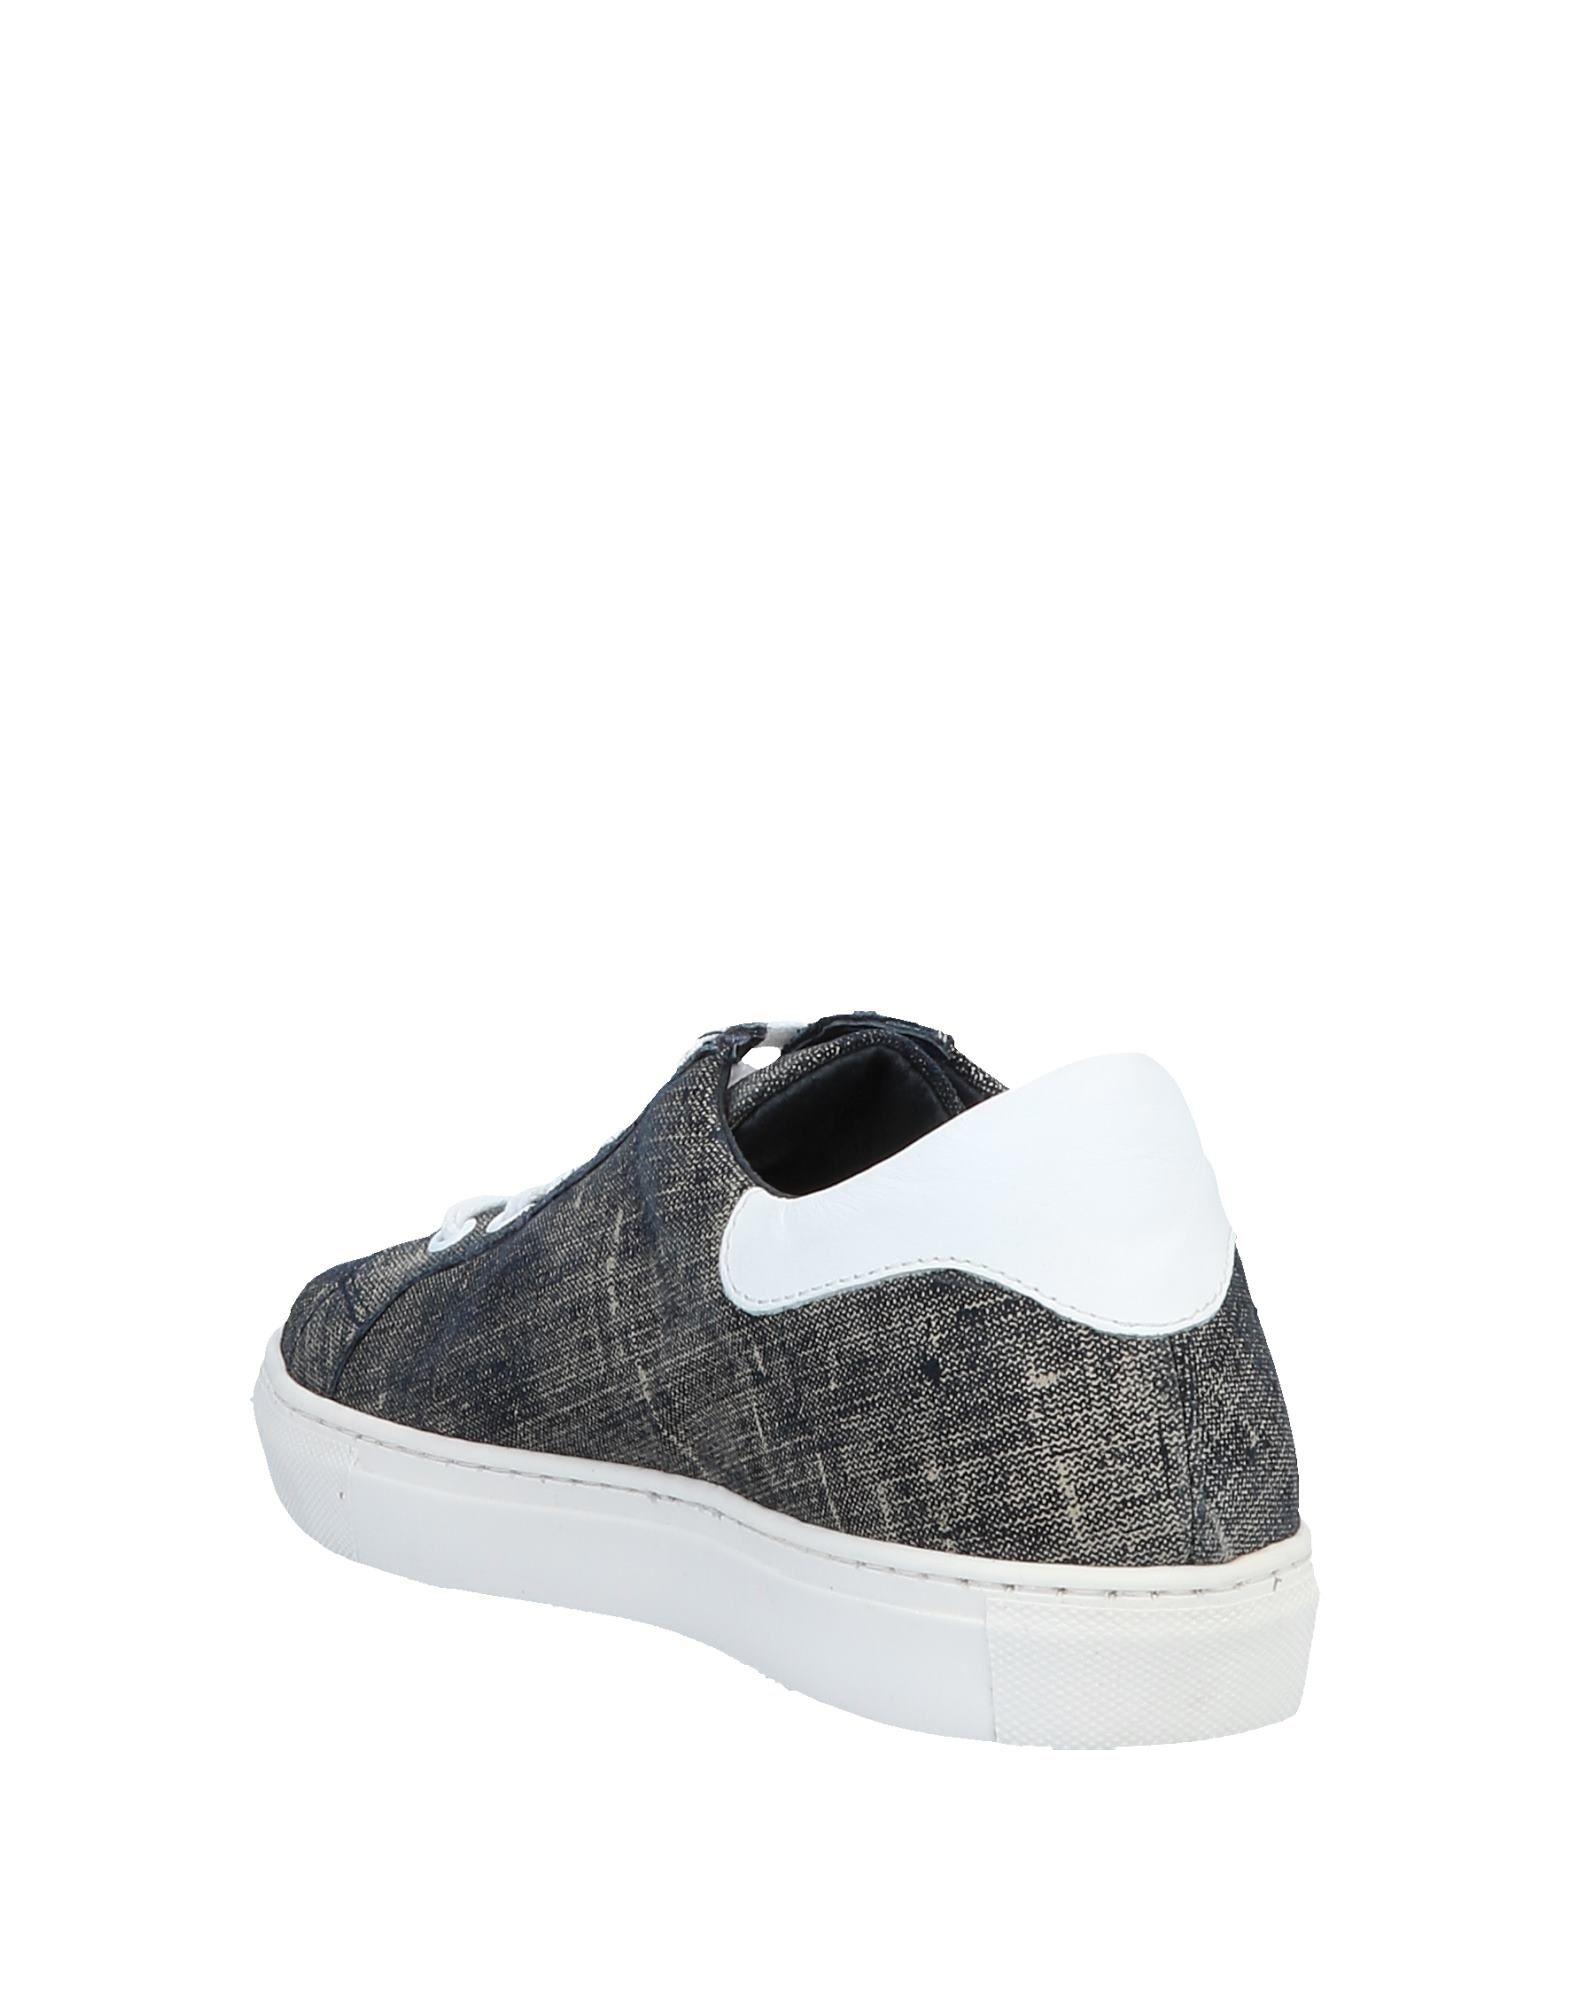 Tsd12 Sneakers es Damen Gutes Preis-Leistungs-Verhältnis, es Sneakers lohnt sich 940f08